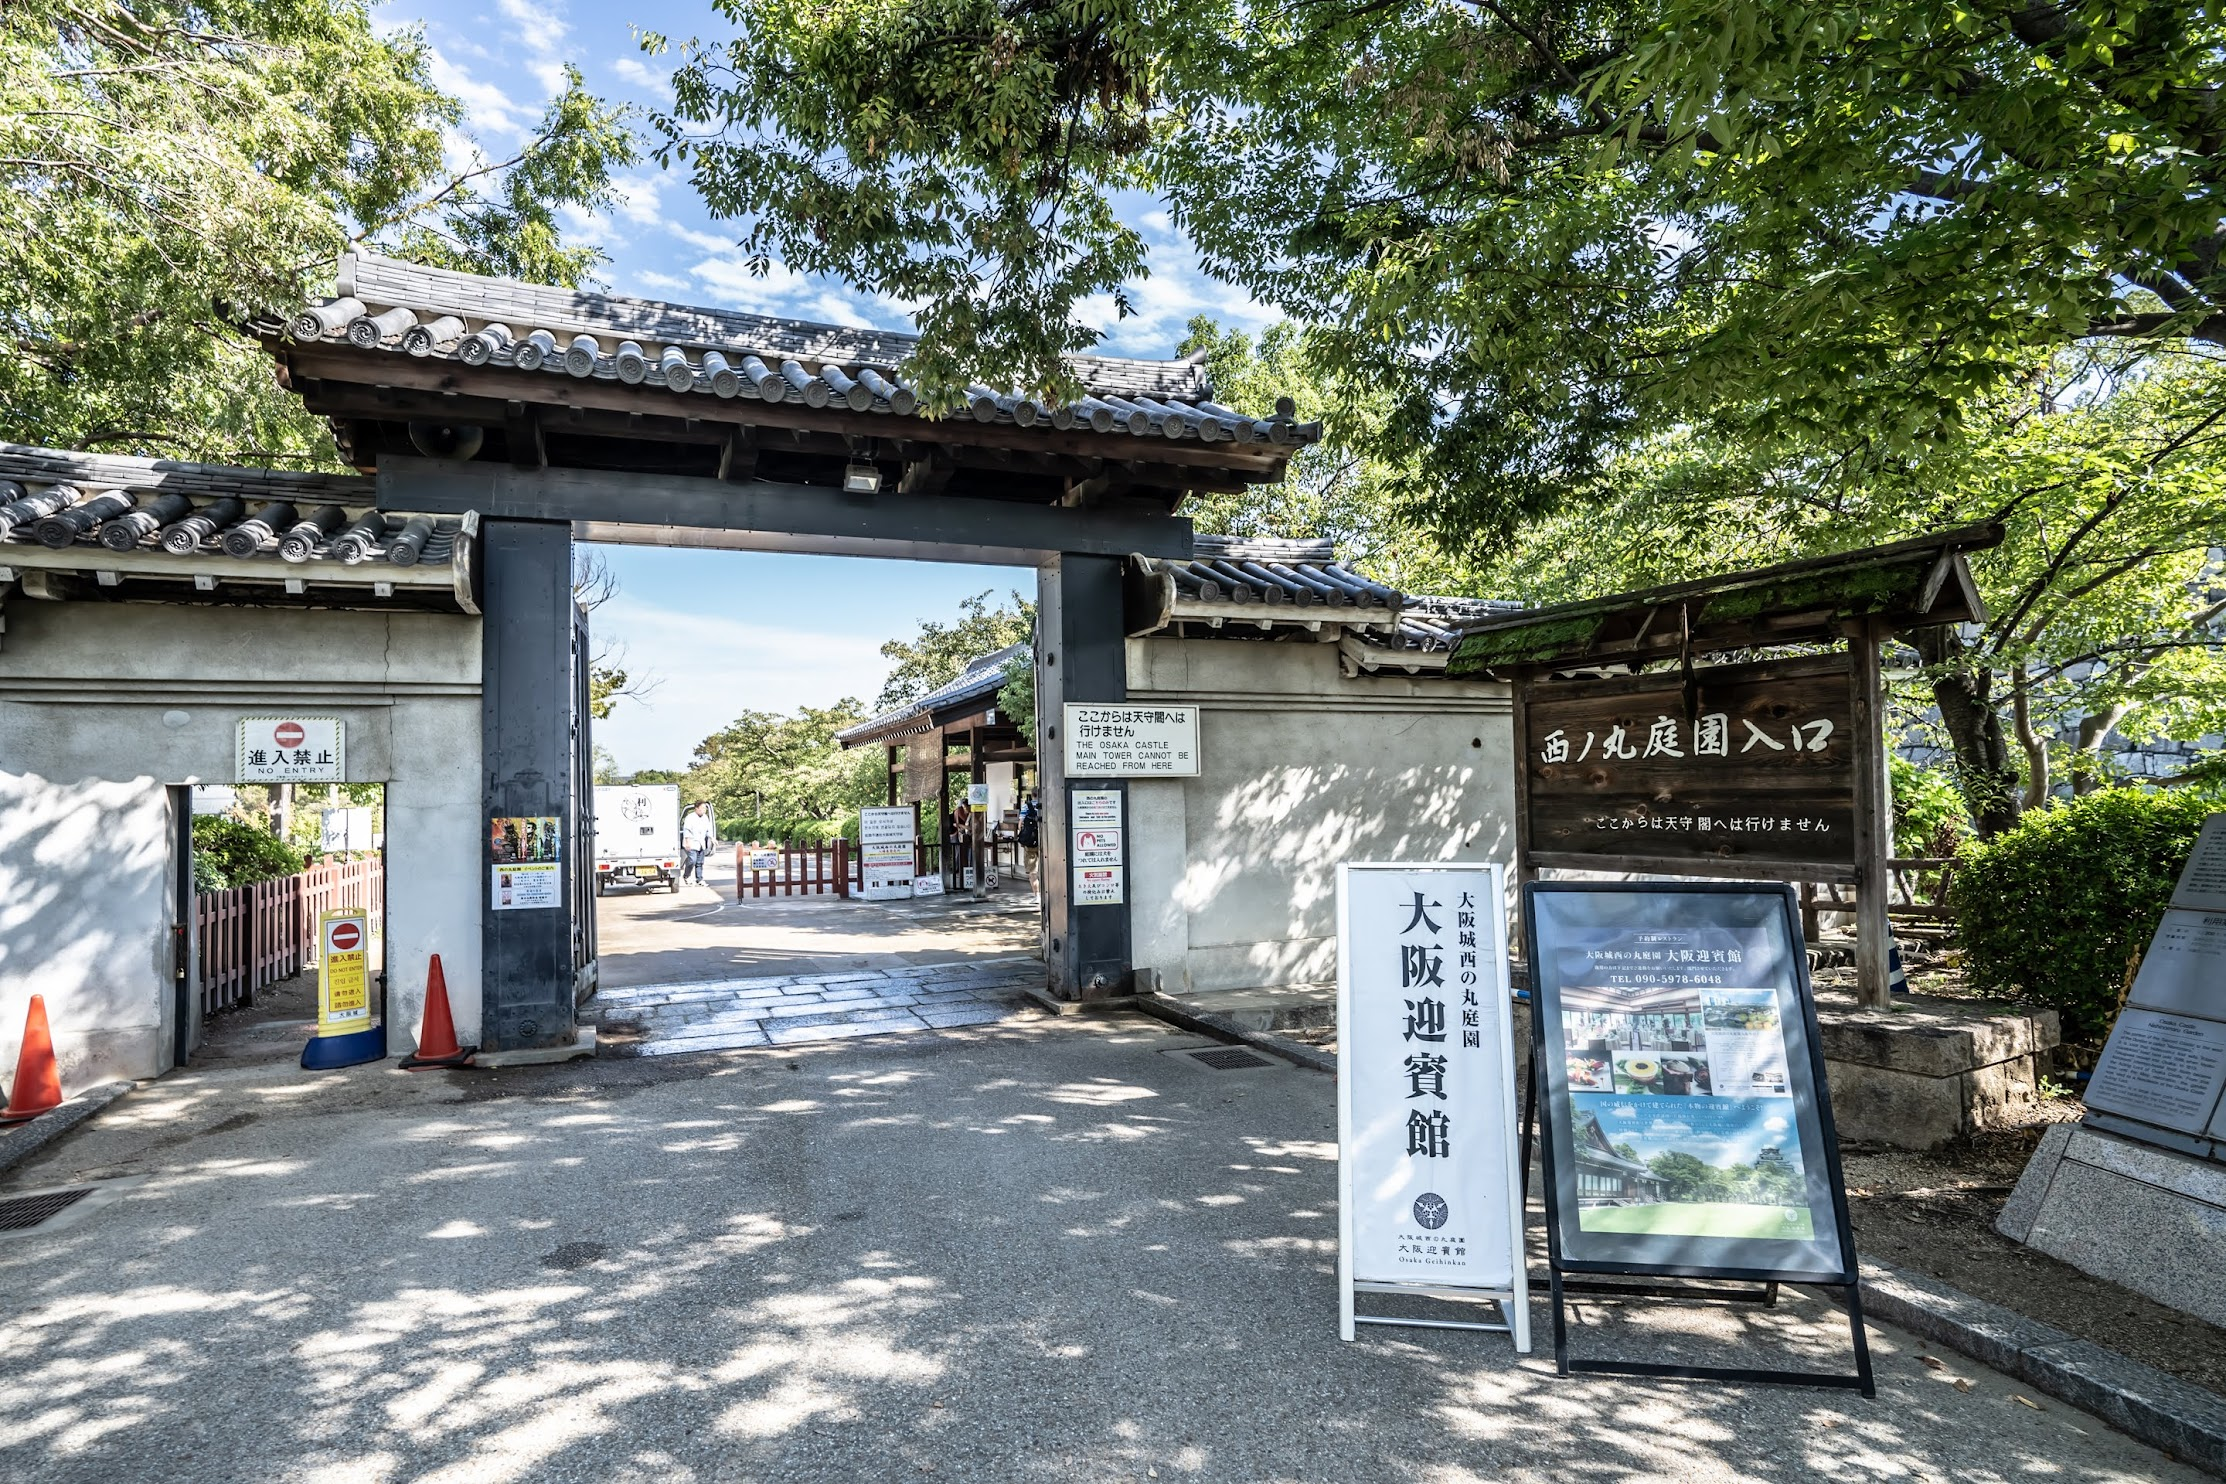 大阪城公園 西の丸庭園1